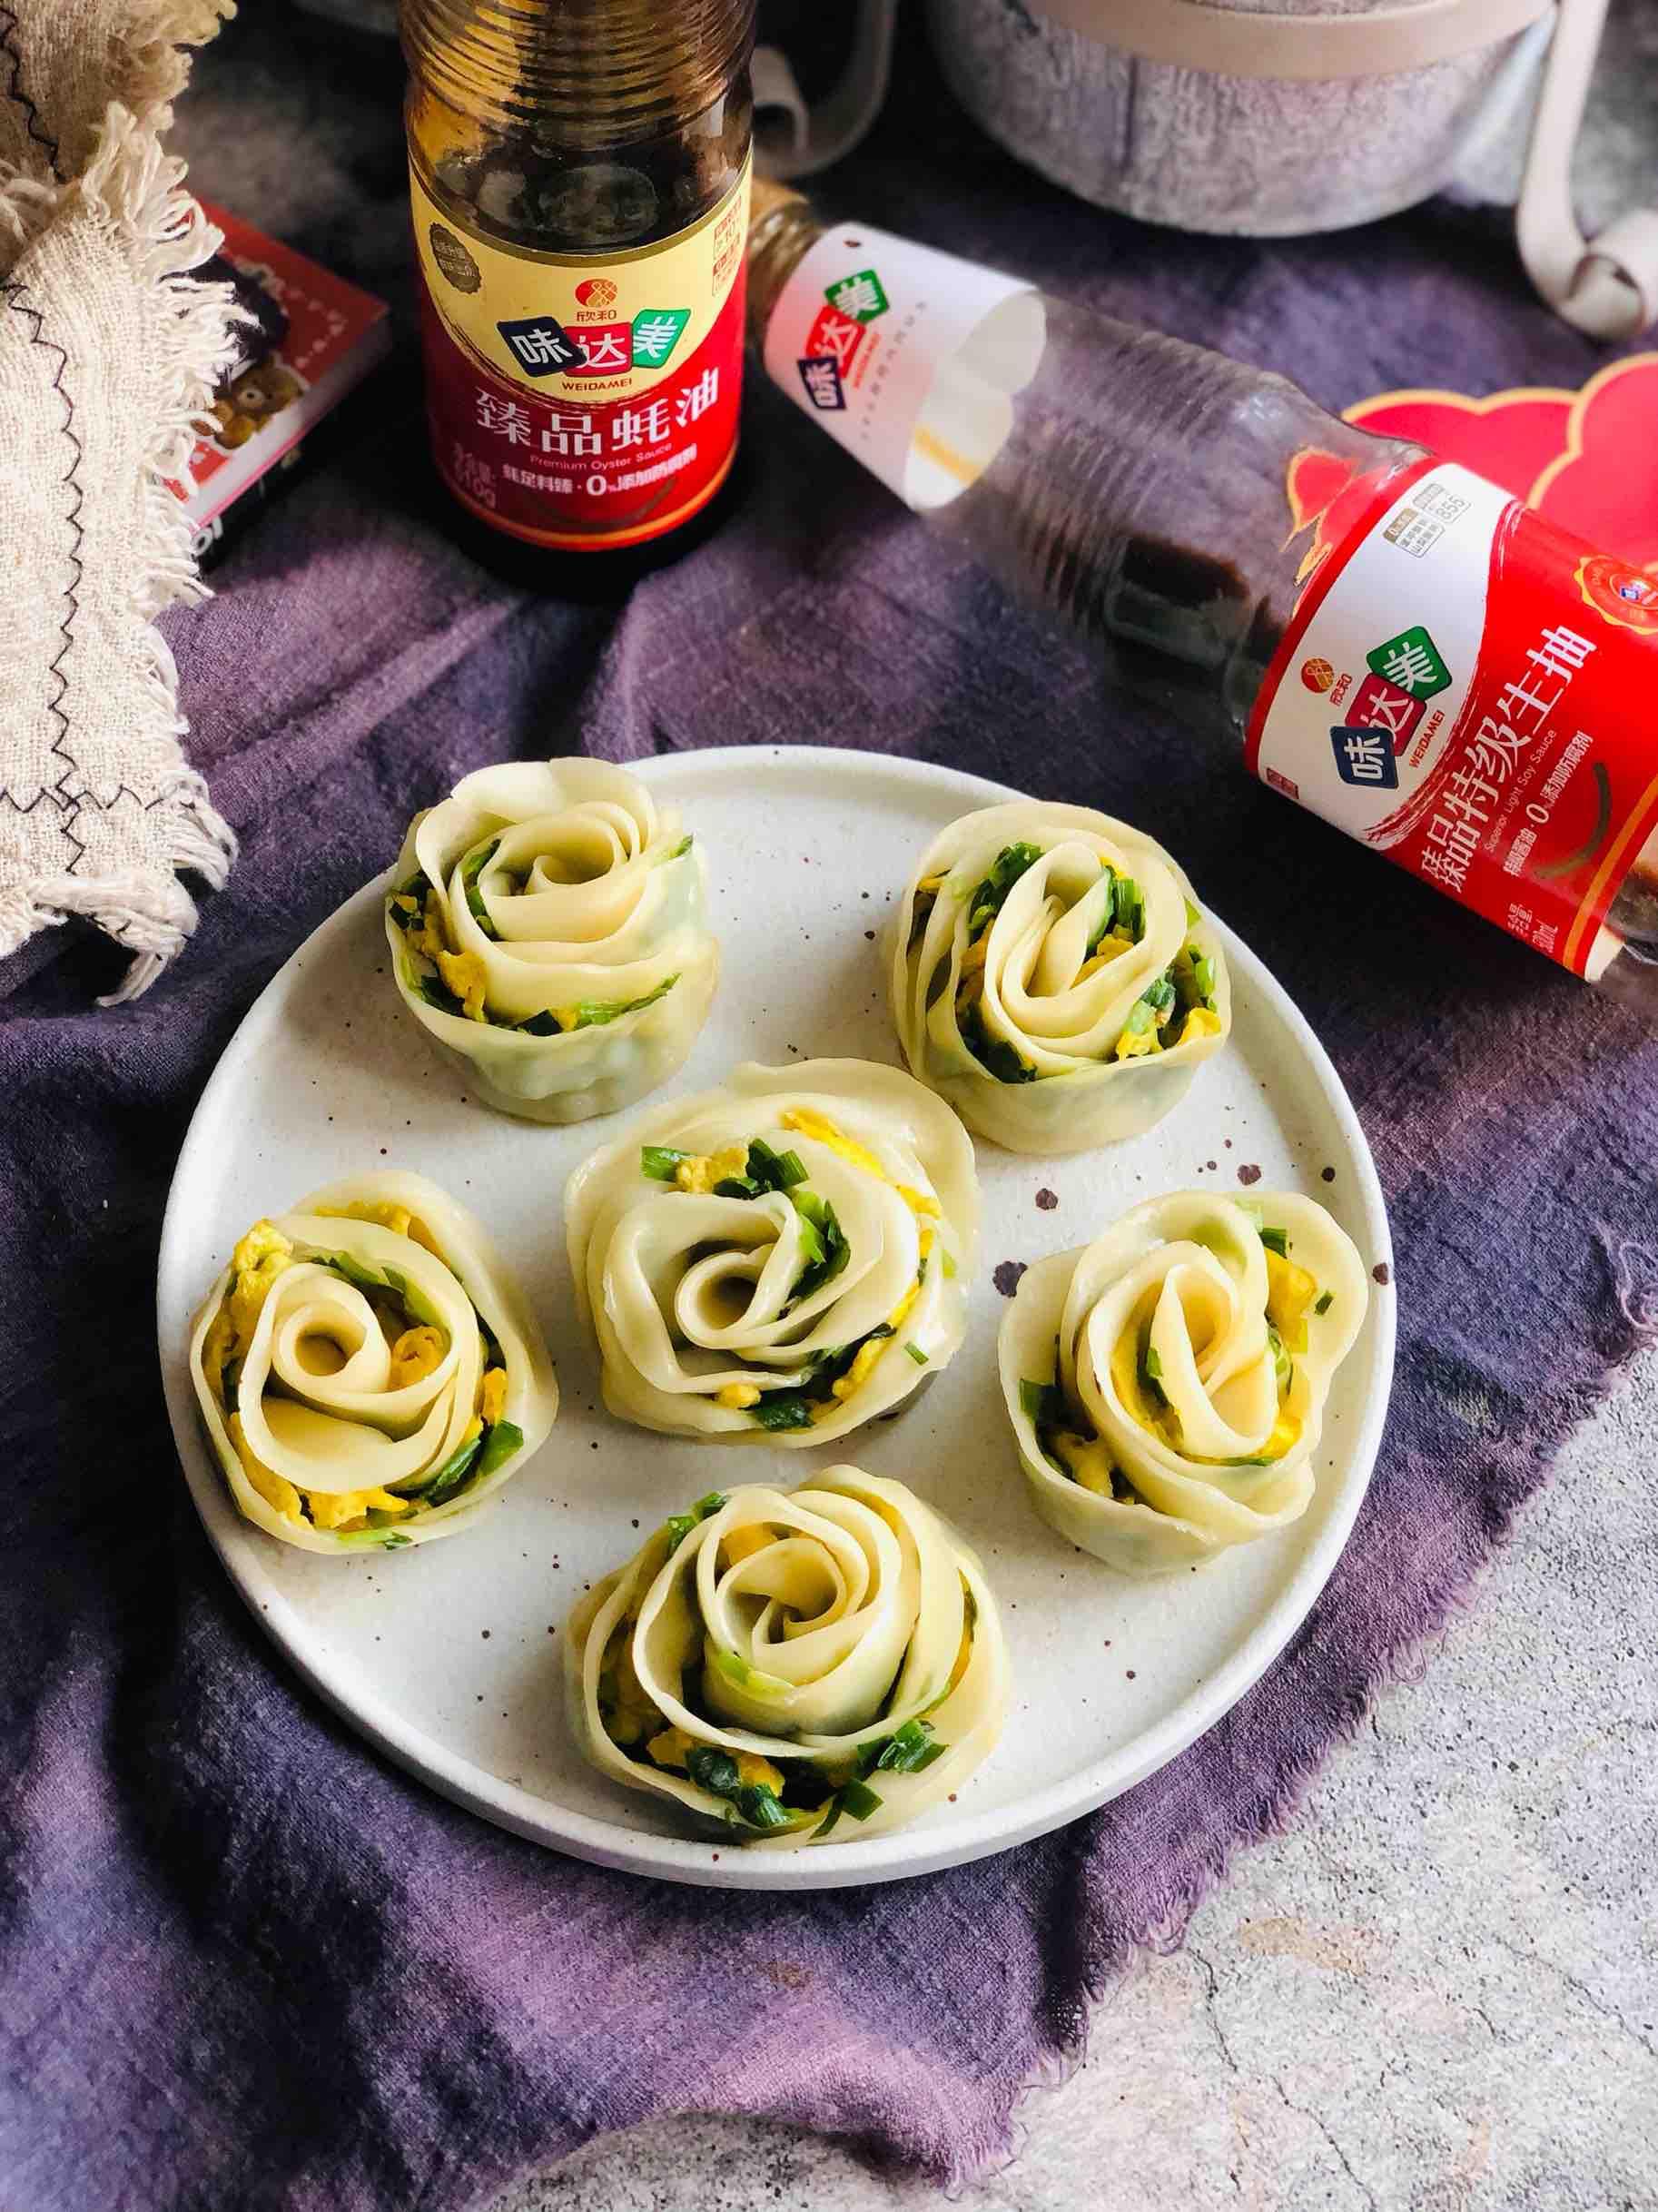 新年开运菜|花开富贵玫瑰花煎饺成品图